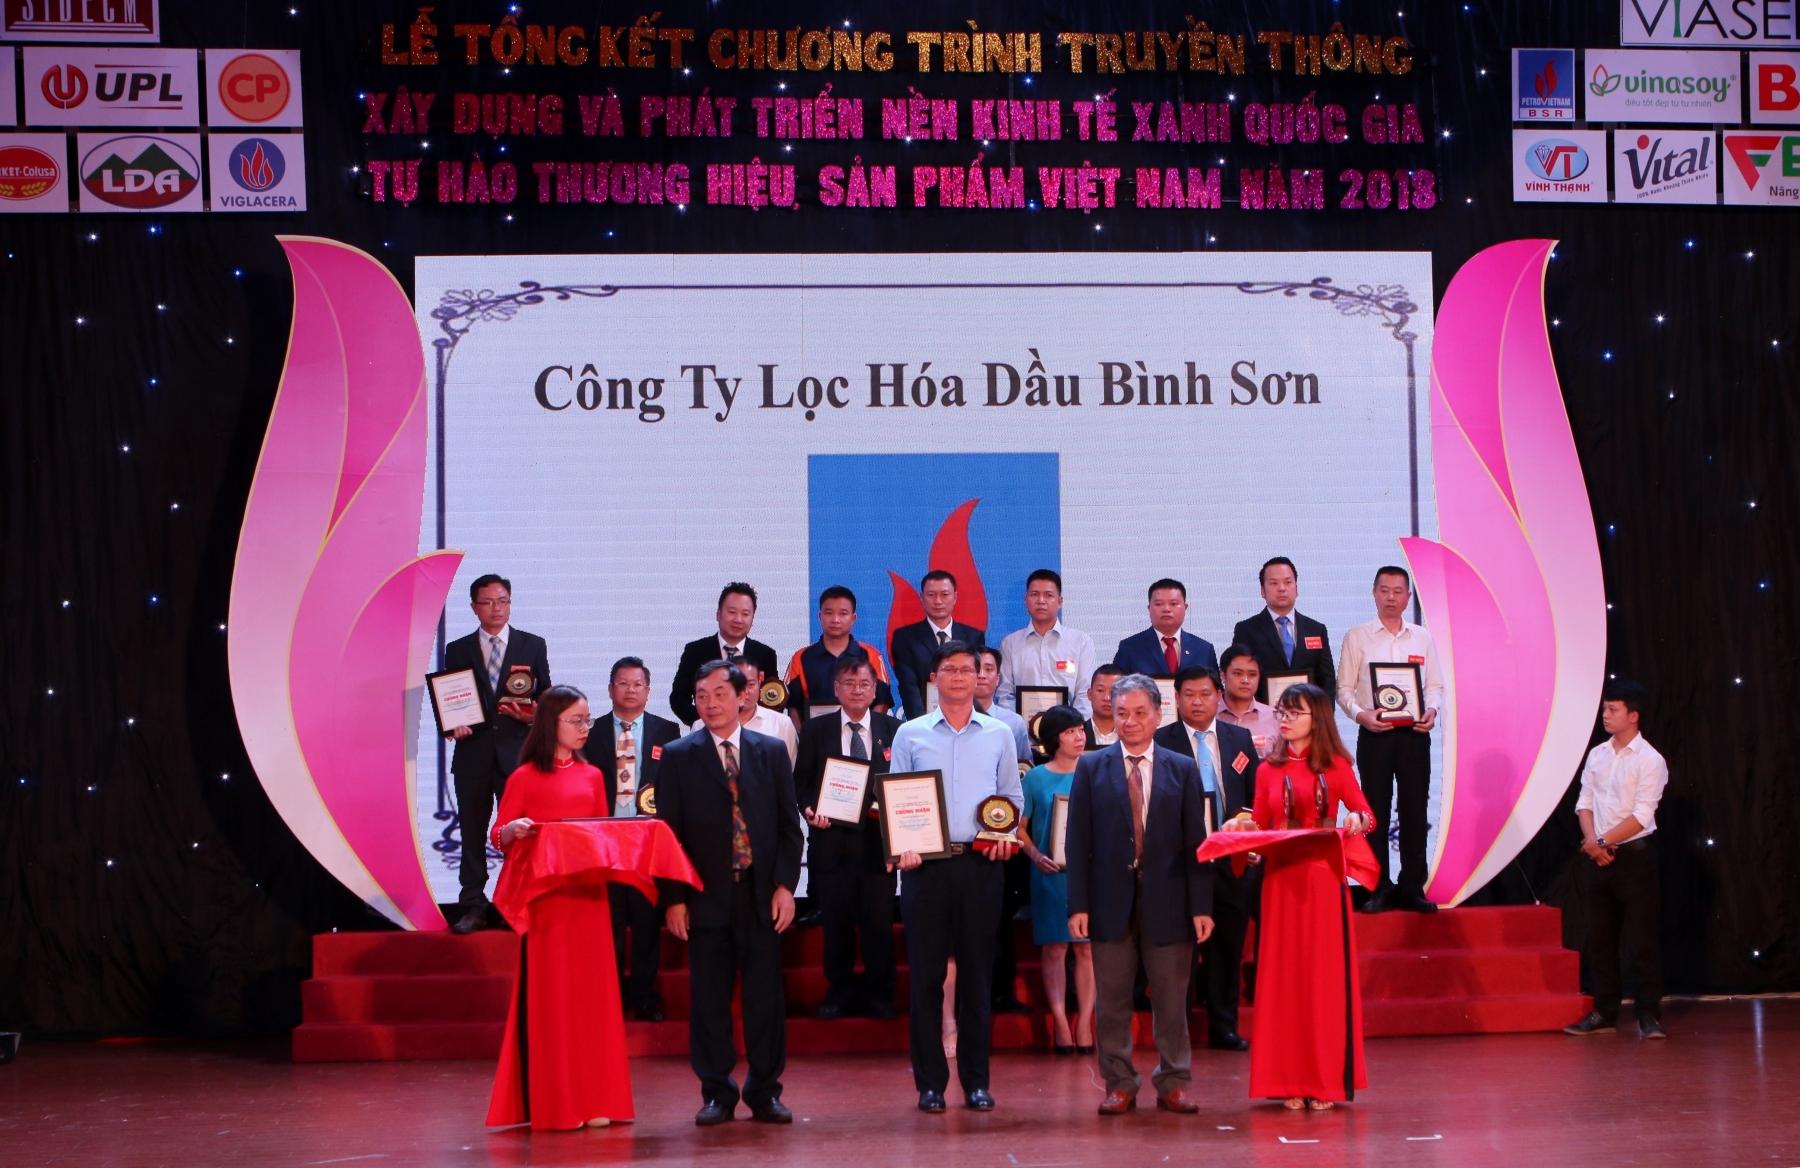 bsr duoc vinh danh top 10 nha may xanh than thien nam 2018